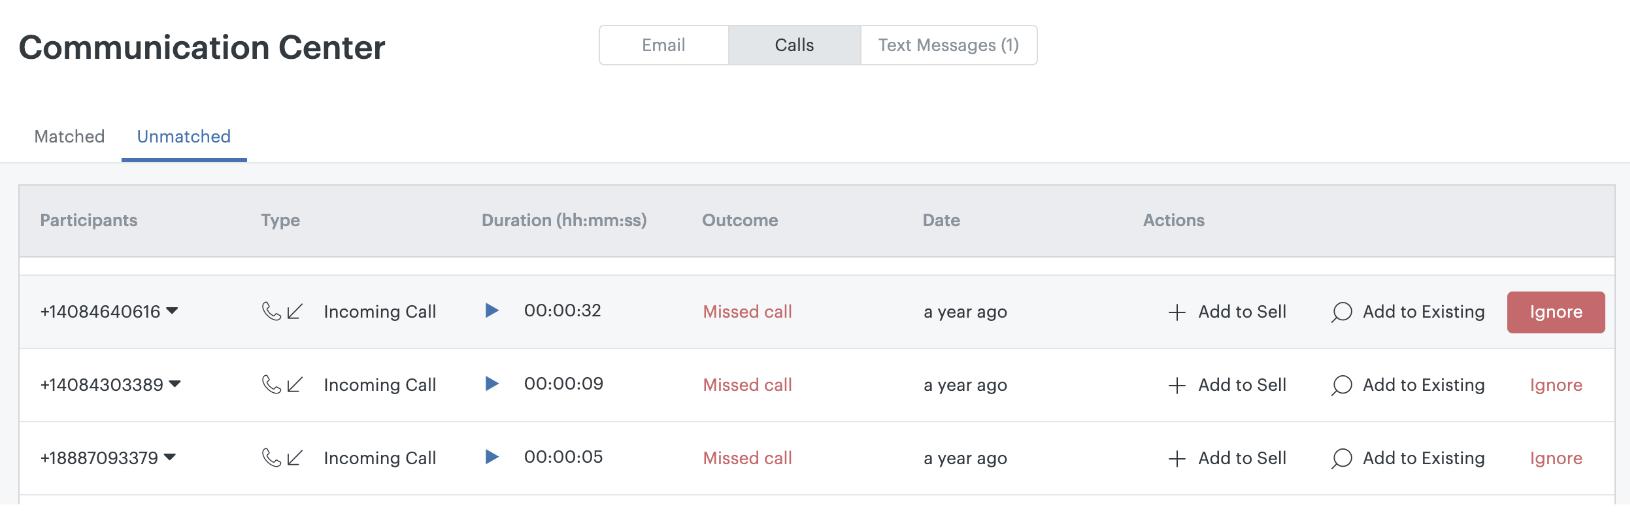 Ignorar chamadas sem correspondência no Sell